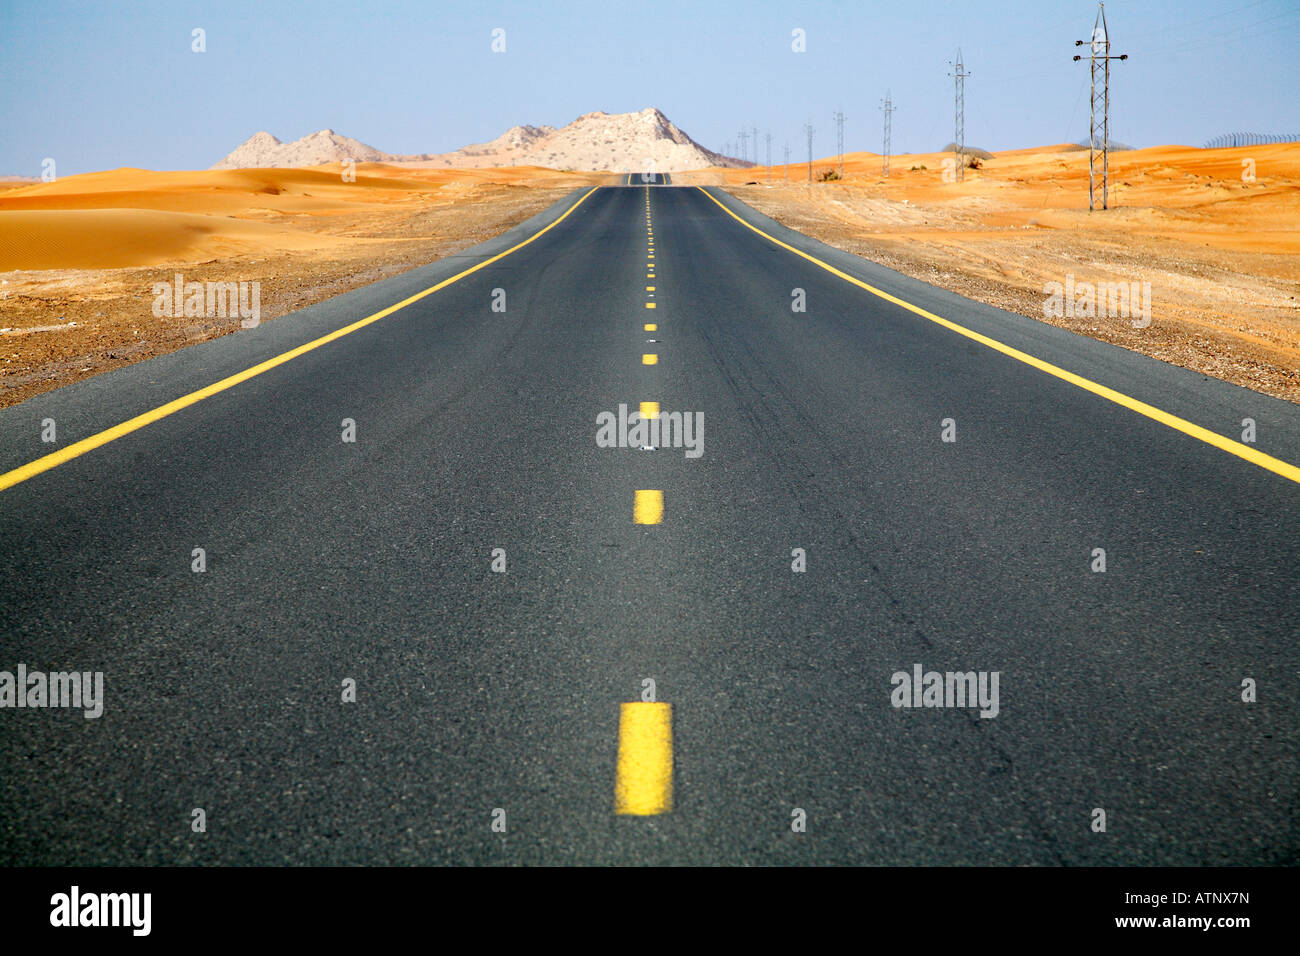 Endless desert road- Dubai - Stock Image